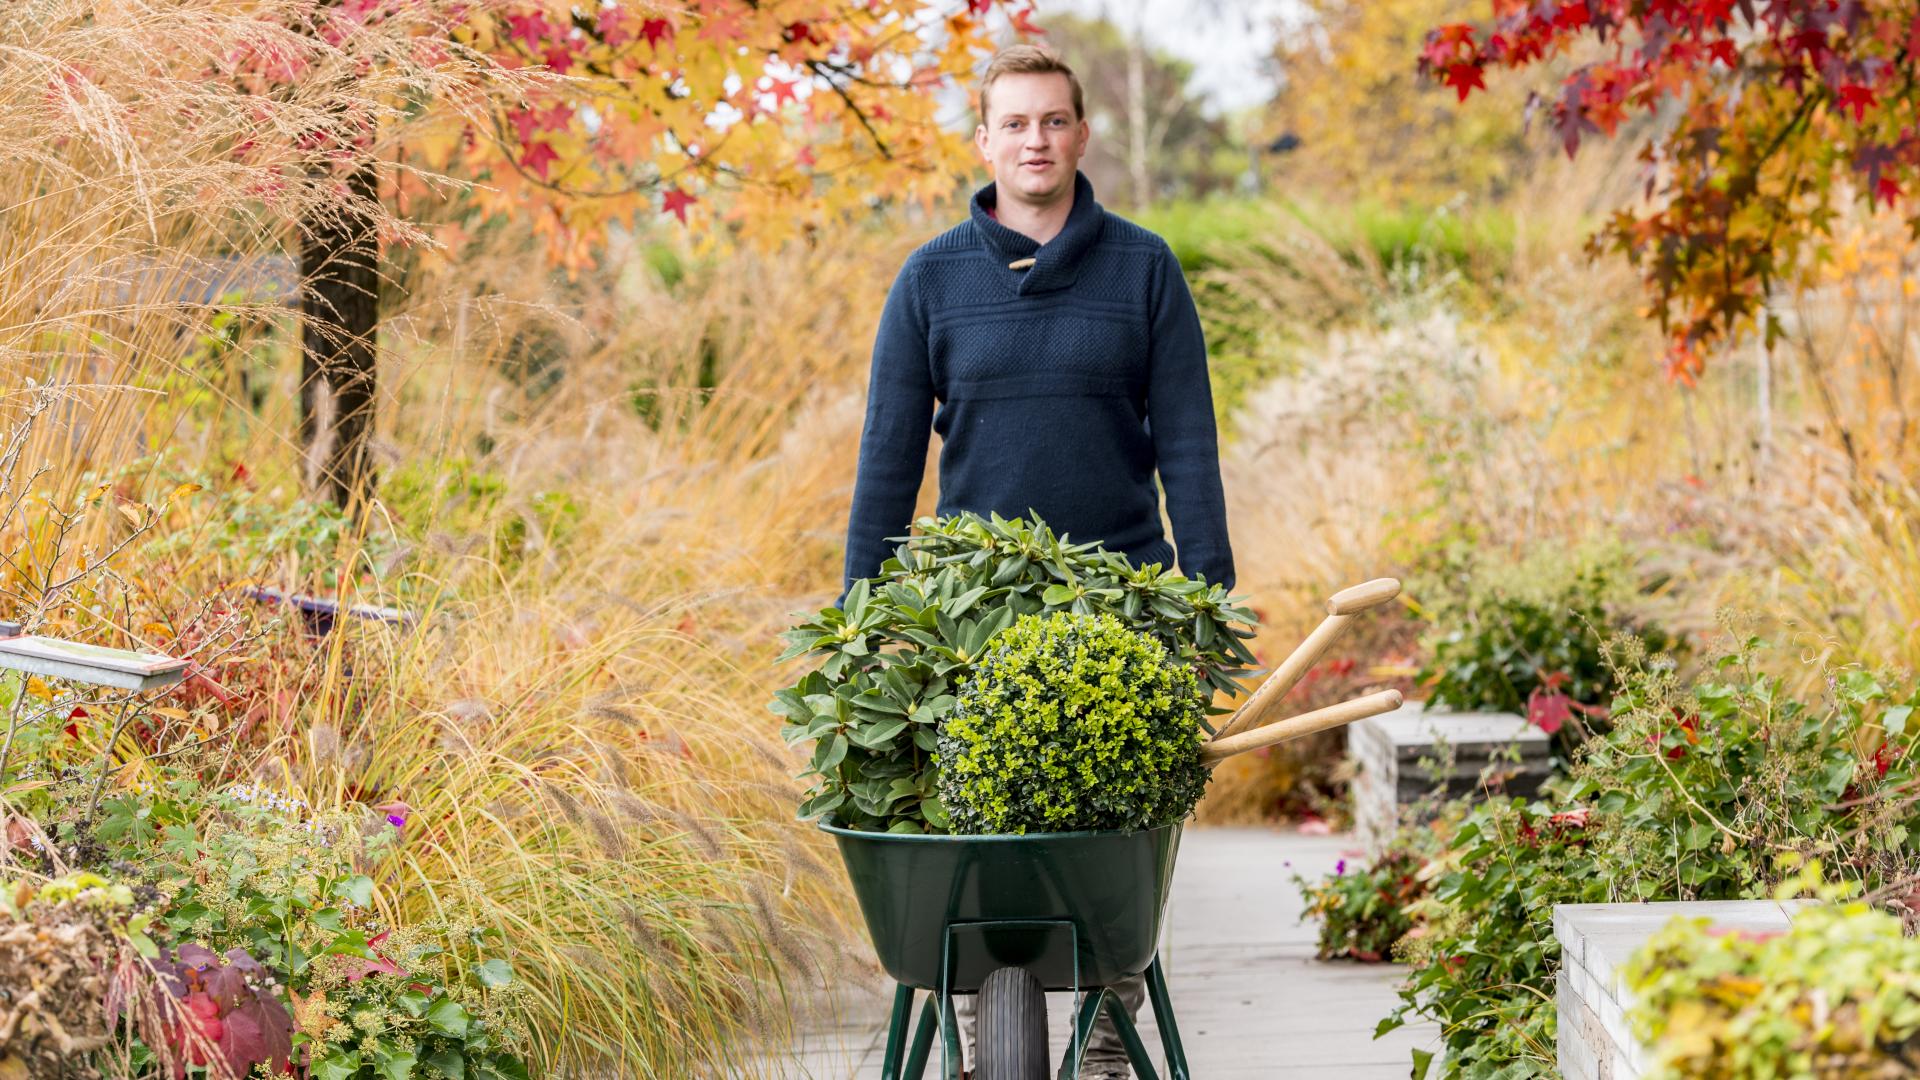 Die richtige Pflege für den Ziergarten im Herbst